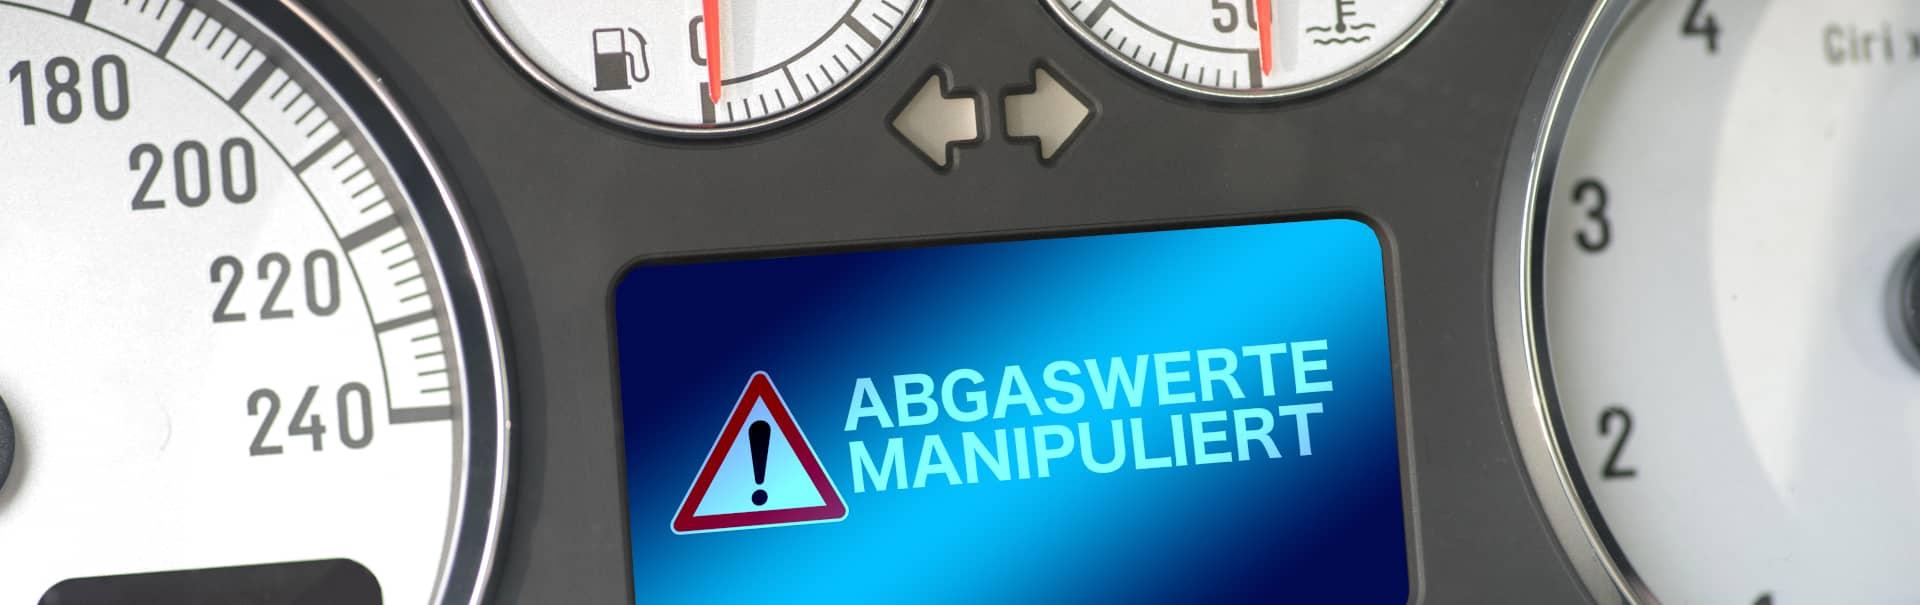 OLG bestätigt Manipulationsverdacht am EA288